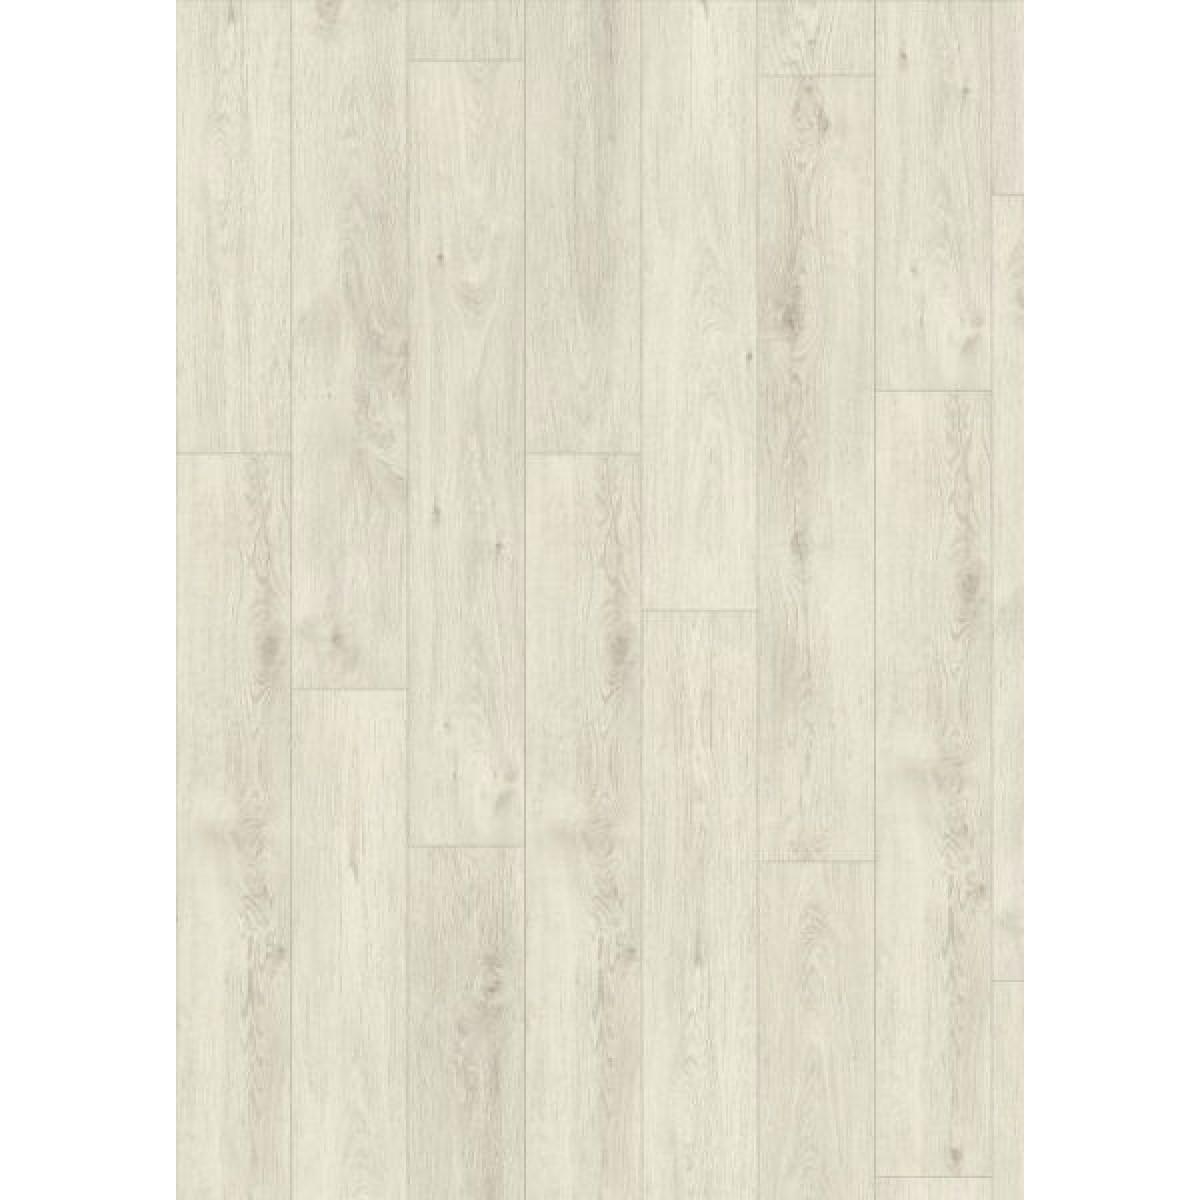 Egger cortina oak white 4v laminate flooring per pack for White laminate flooring